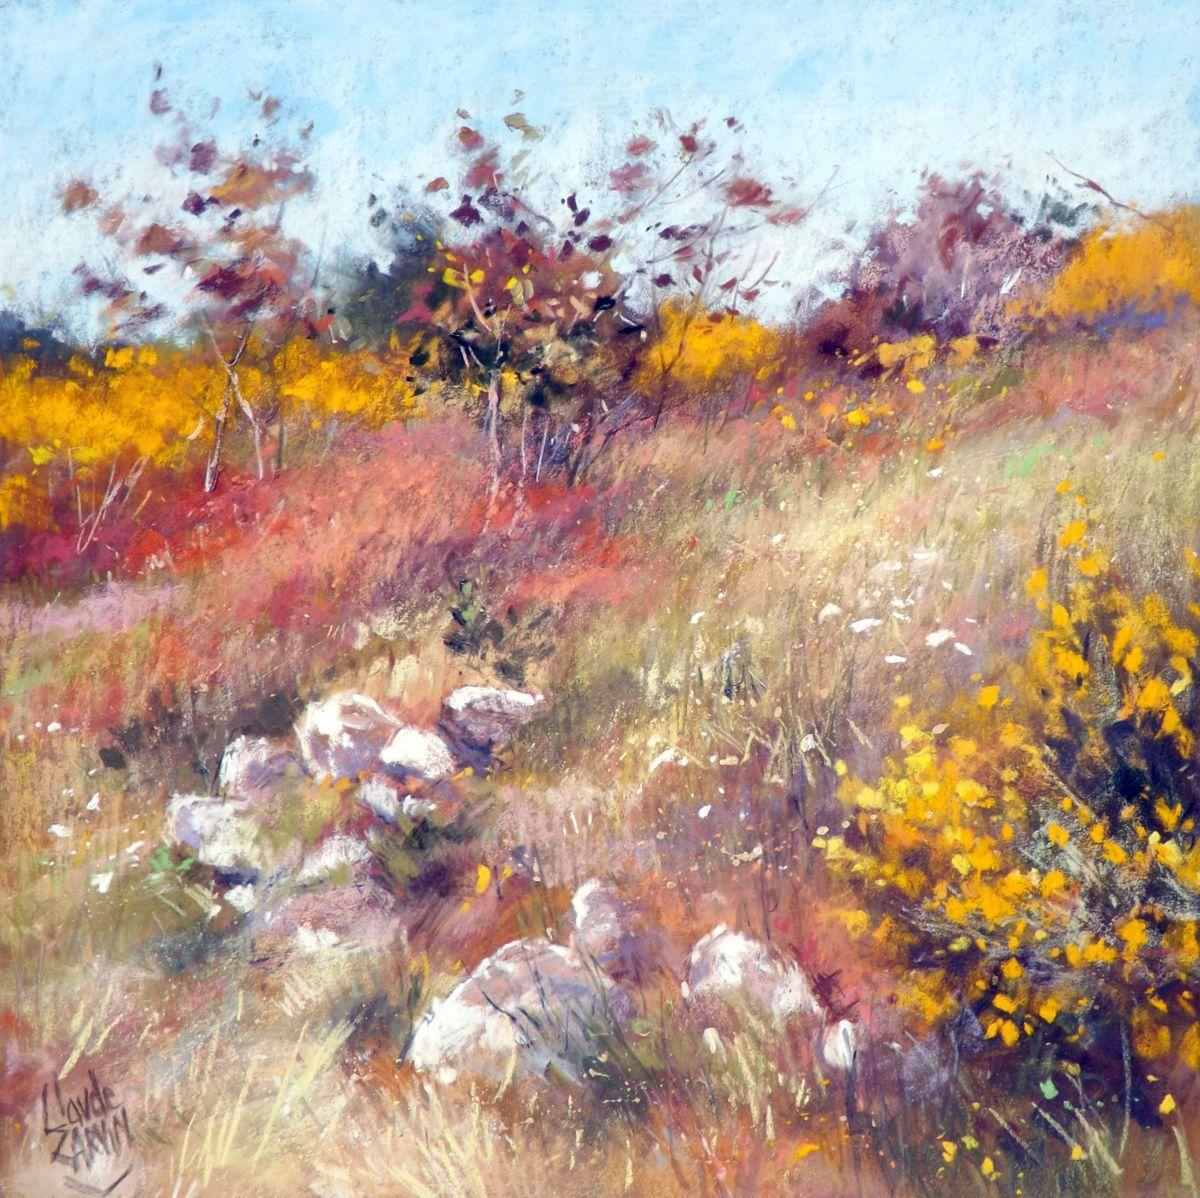 Parfum De Gen Ts Peinture 40×40 Cm Par Claude Carvin Pastel Sec